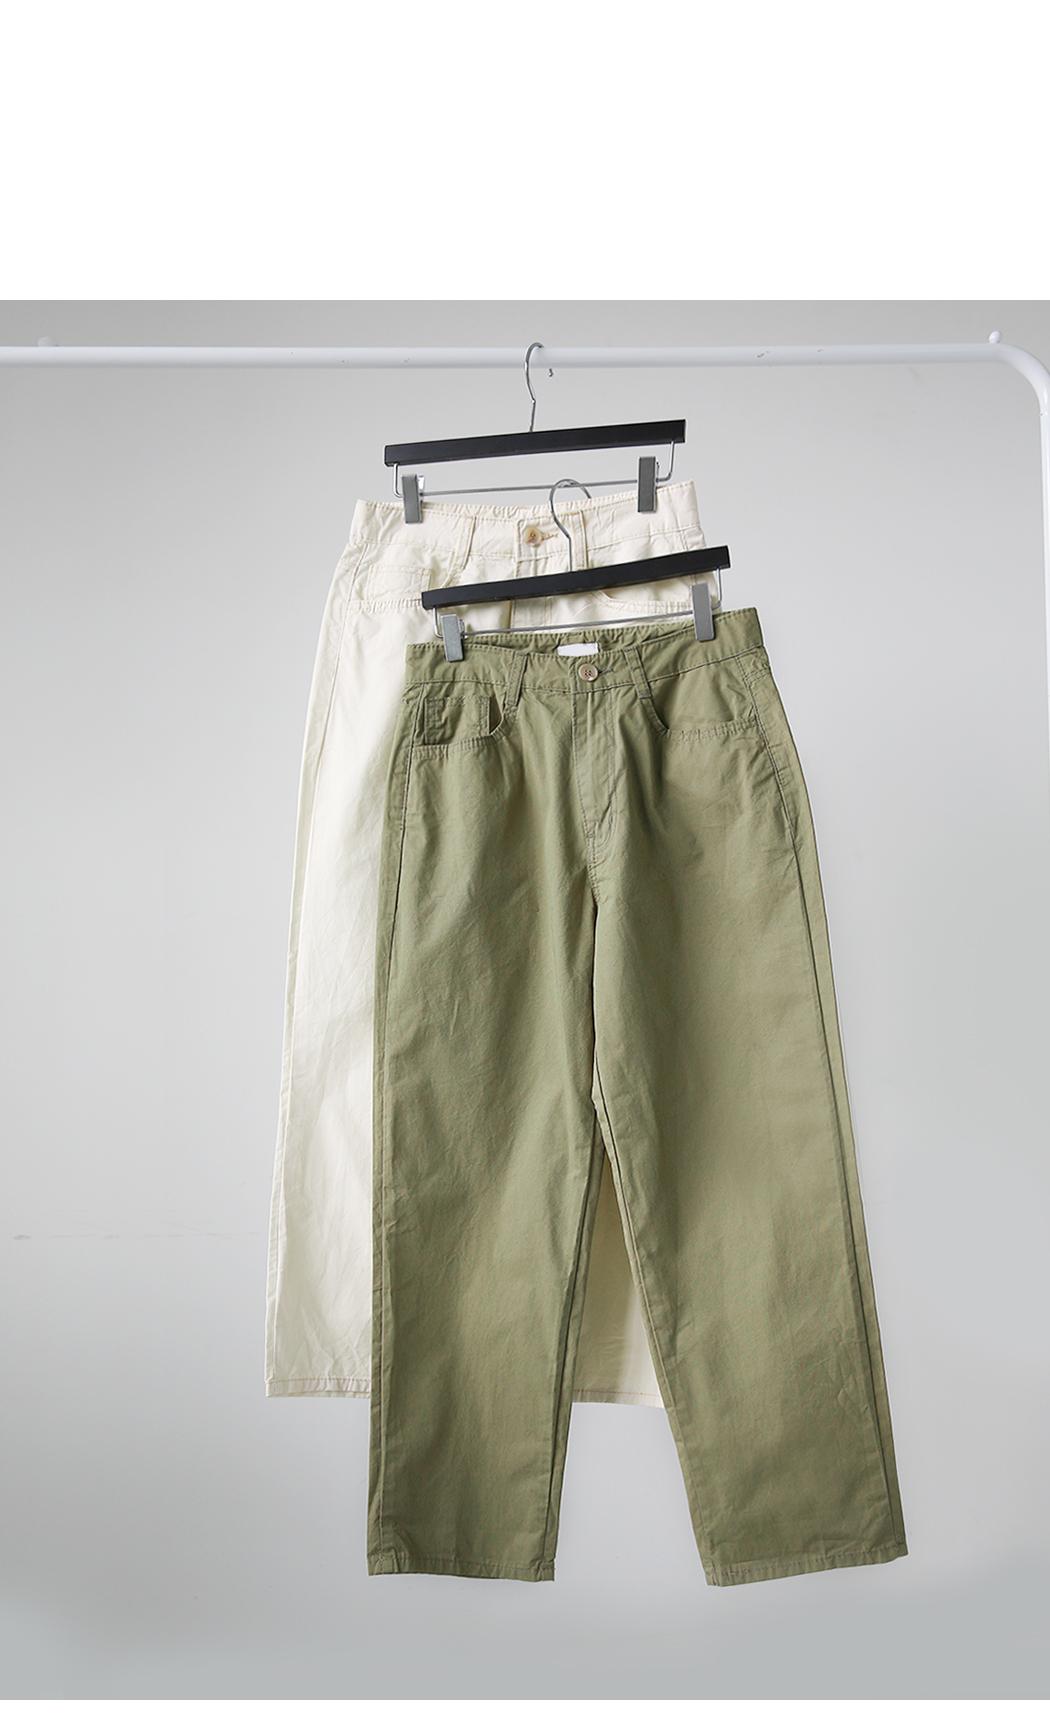 Cool cotton boy fit pants